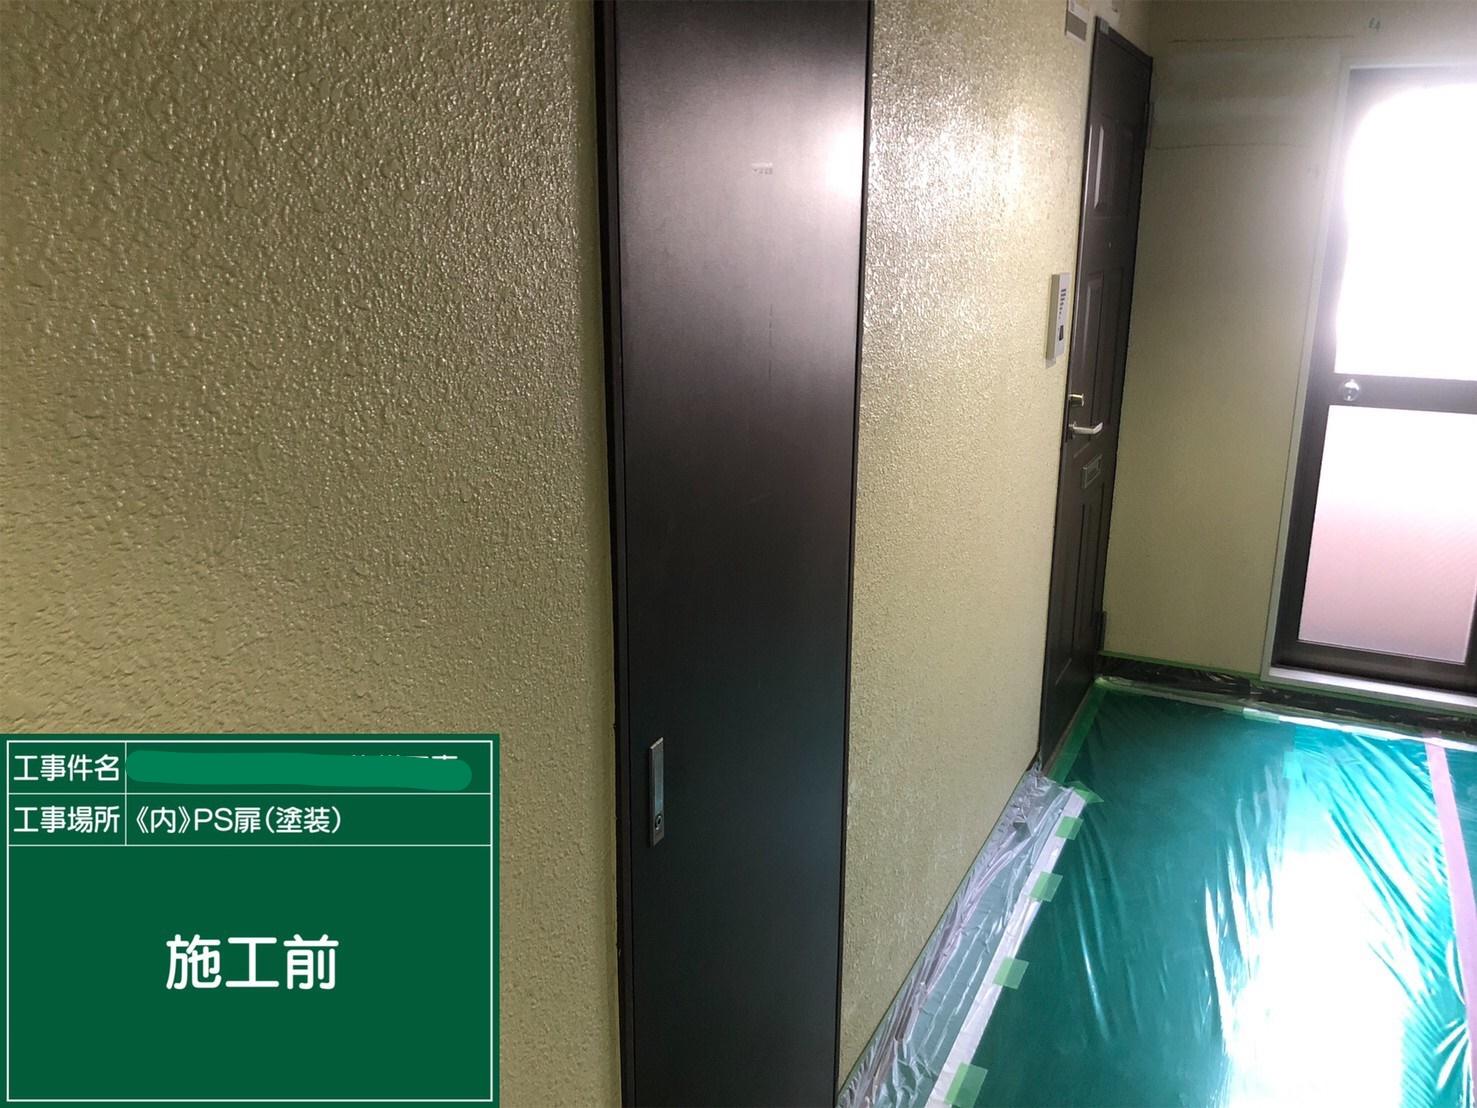 【PS扉】①施工前